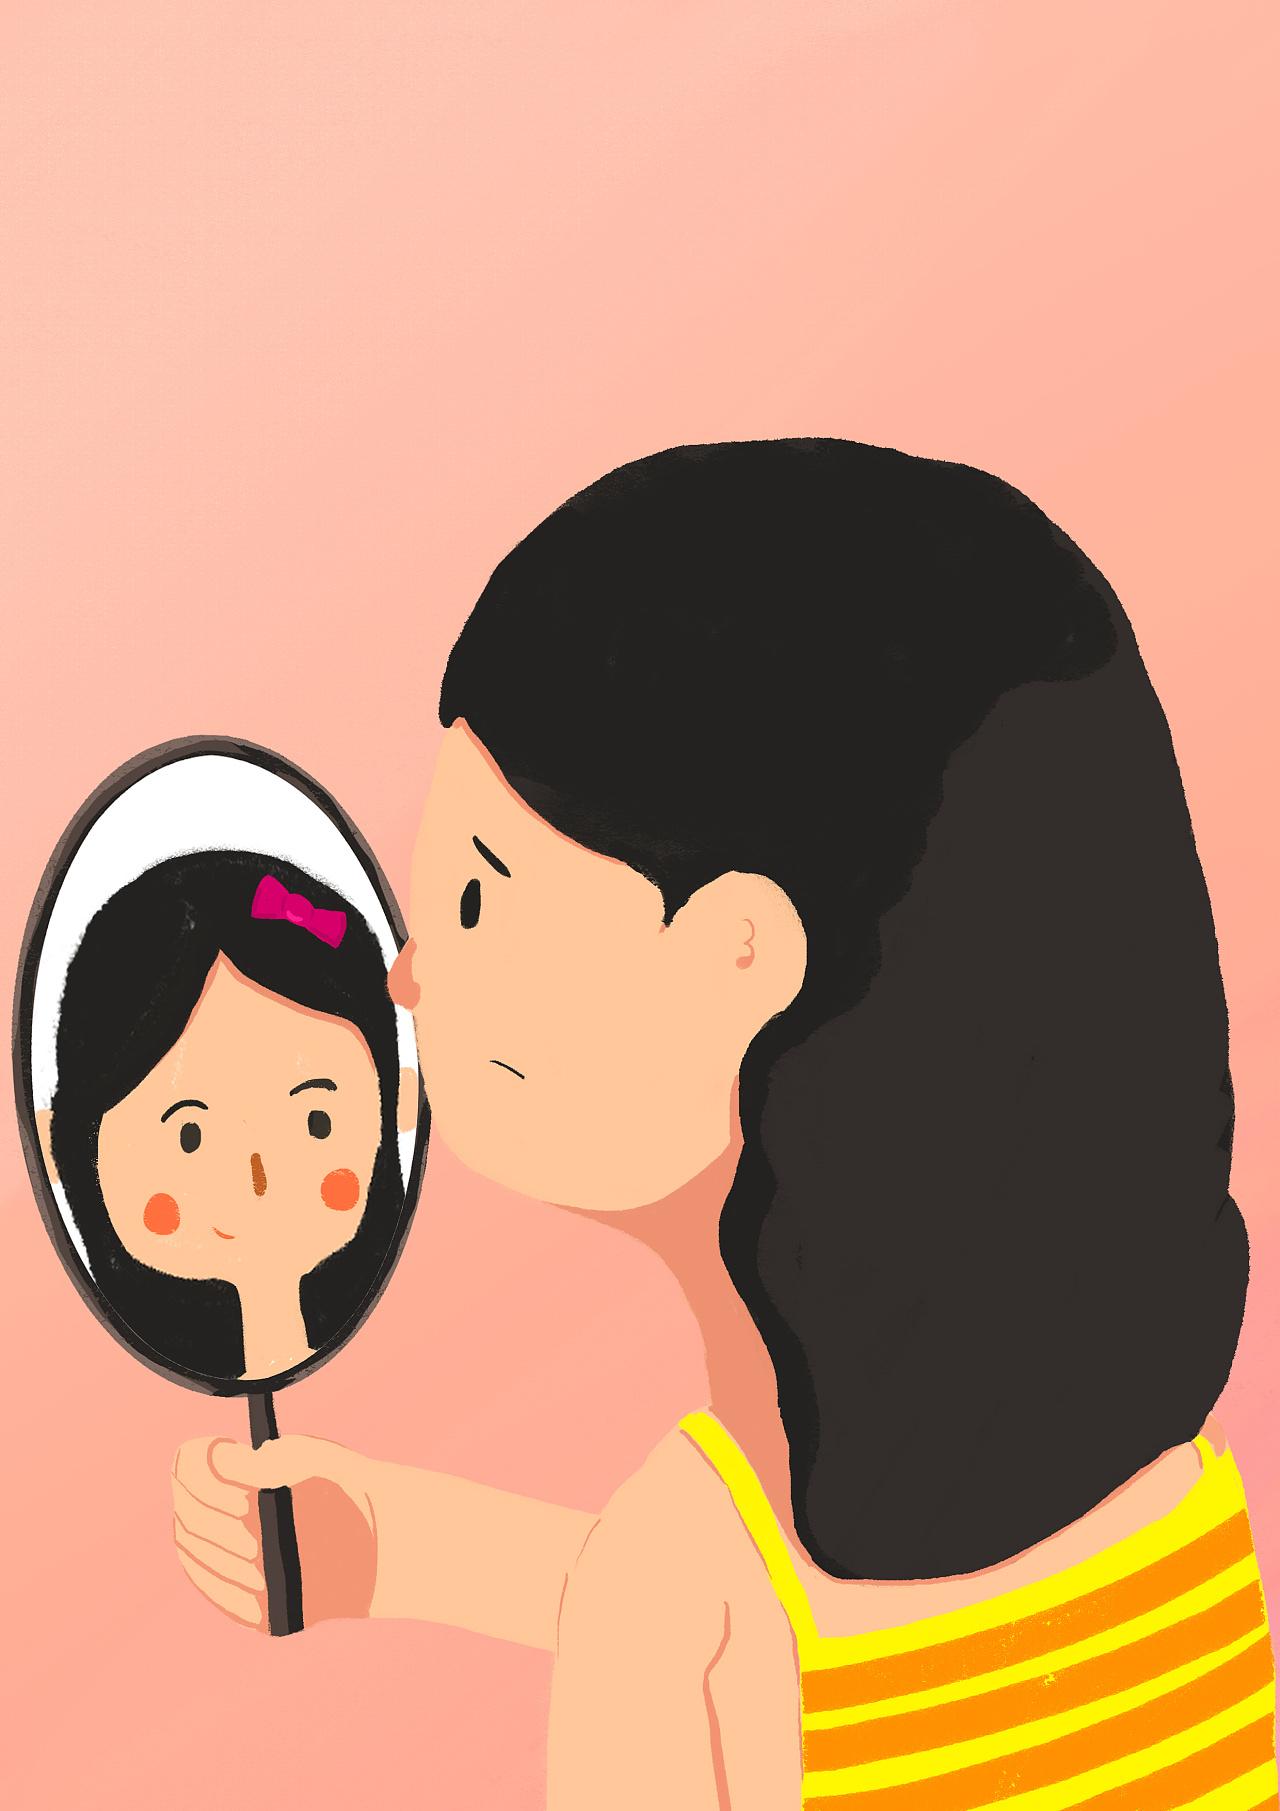 美便是从一面镜子里看到自己面容时脸上的笑意图片